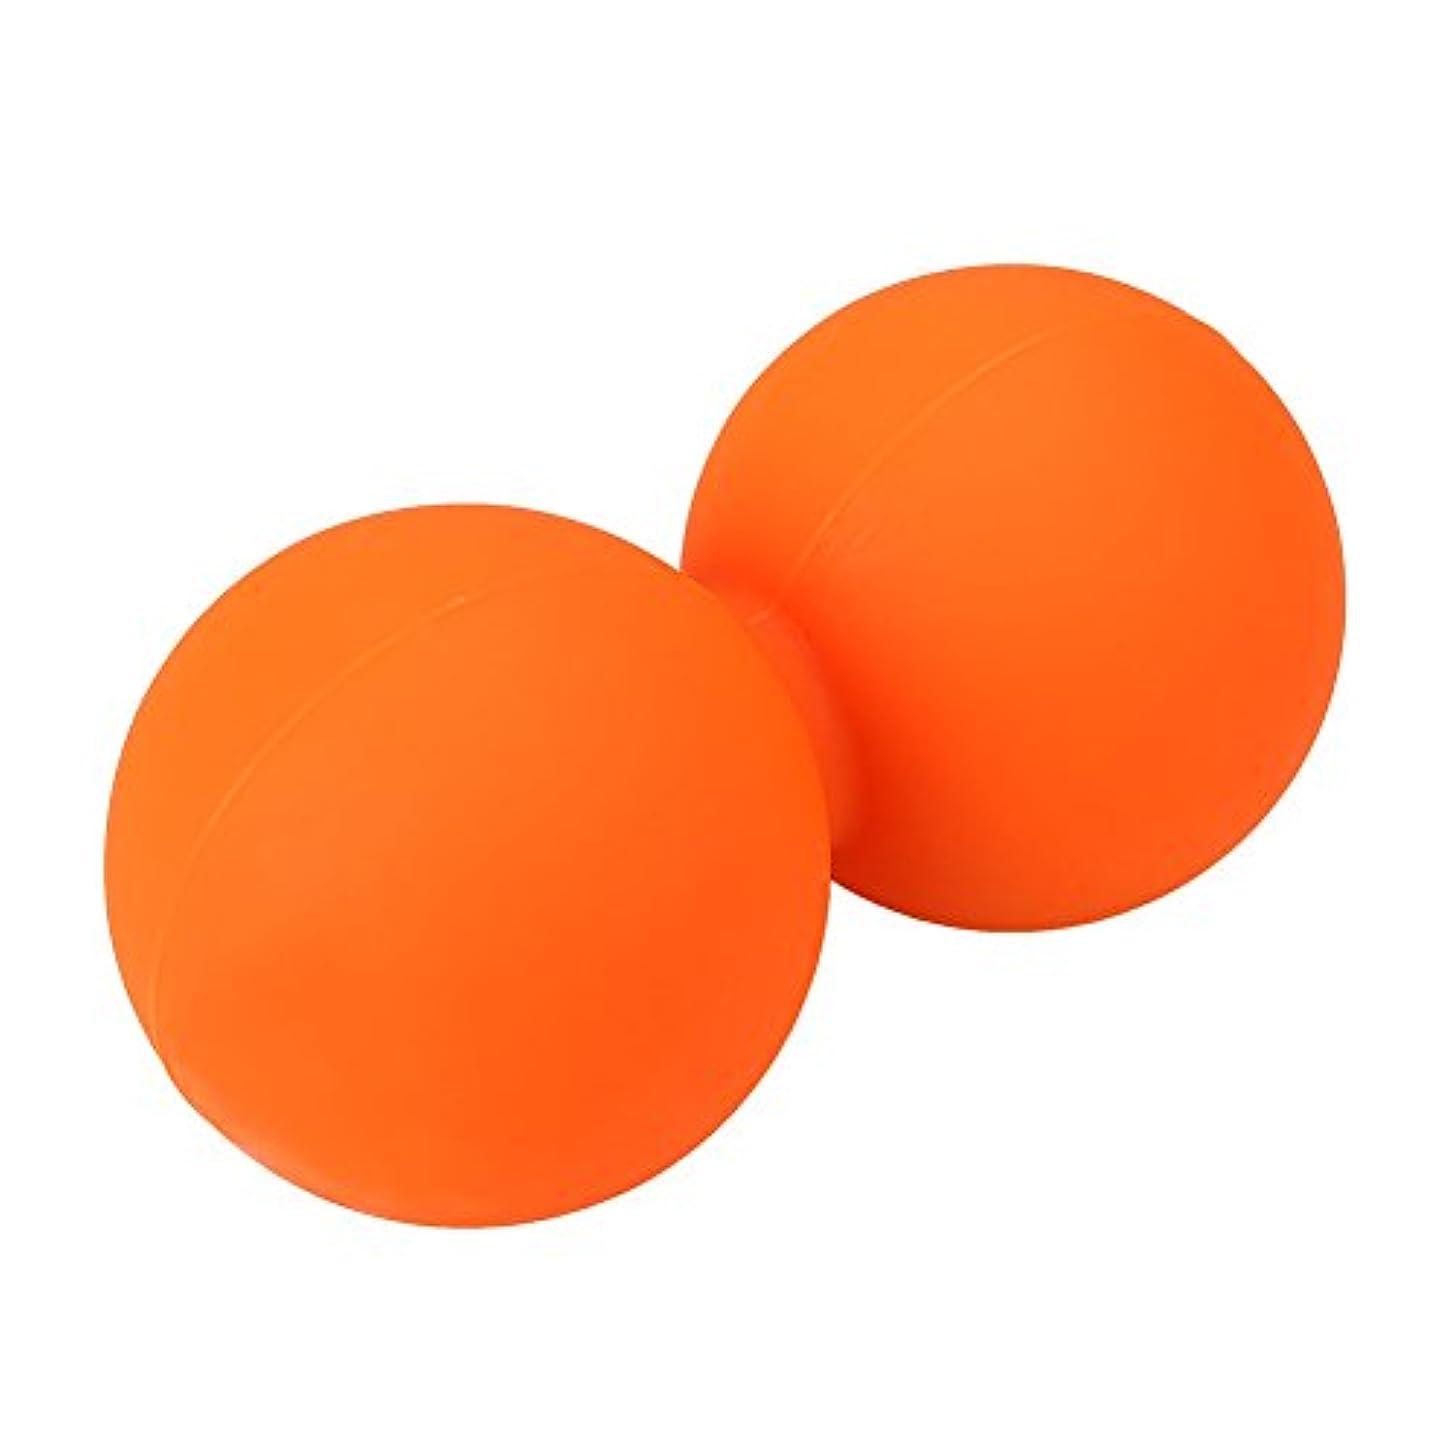 半円夫私のwlgreatsp ダブルラクロスMyofascialトリガーポイントリリースマッサージクロスボールエクササイズ